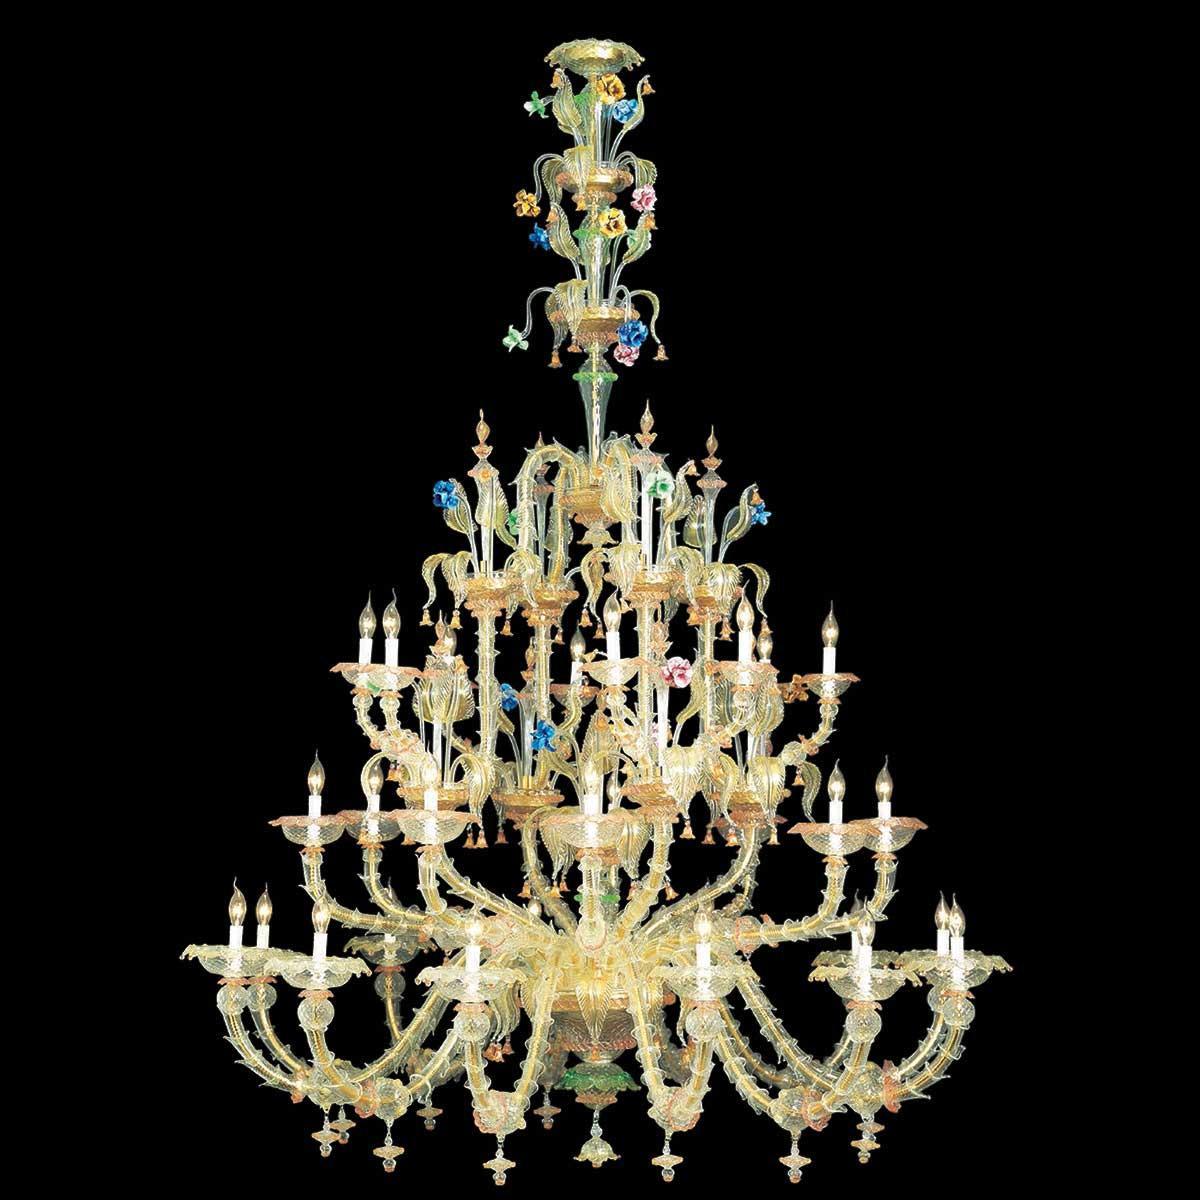 """""""Ester"""" lampara de araña de Murano - 12+8+8 luces - transparente, multicolor y oro"""